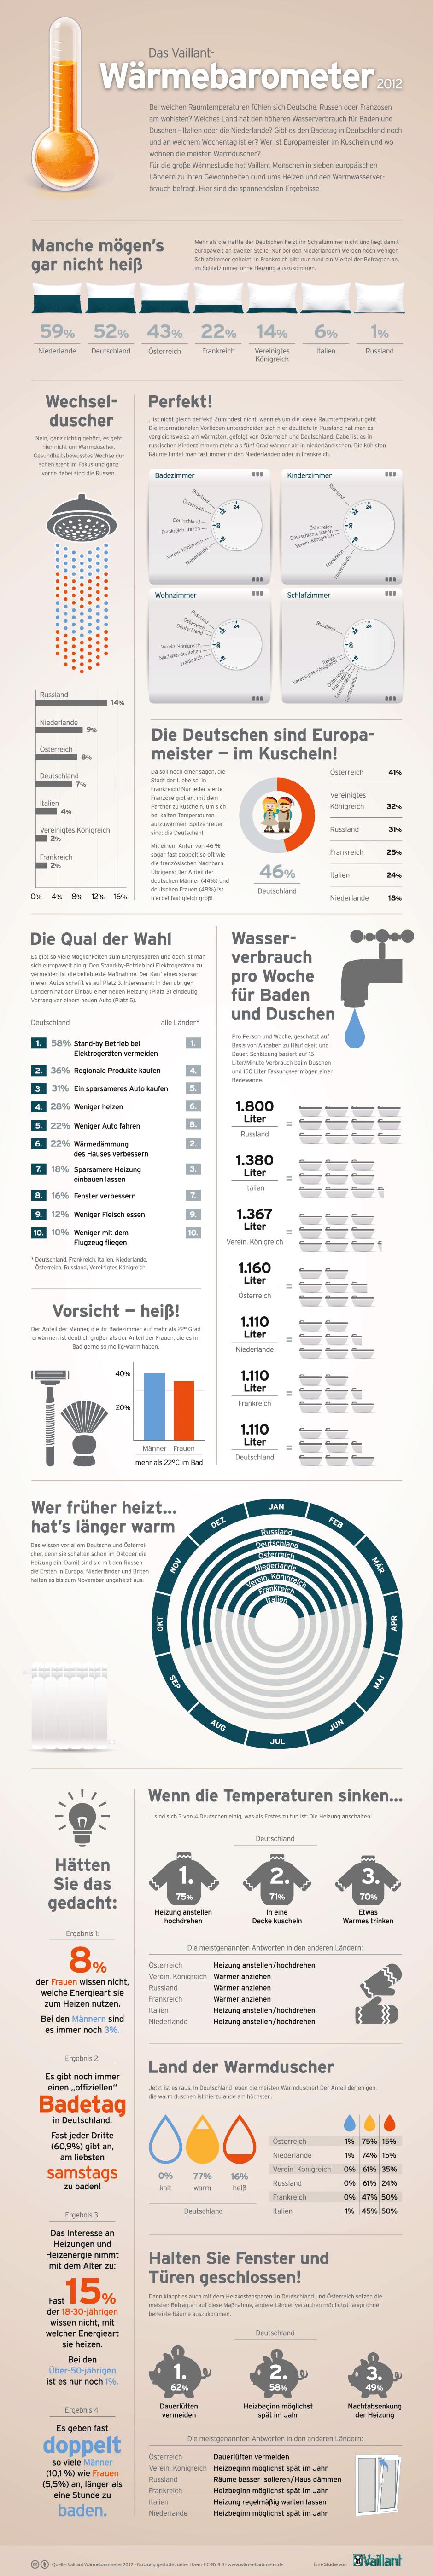 In welchen Ländern bleibt das Schlafzimmer kalt? Wo wohnen die Spitzenreiter im Wechselduschen? Diese und andere Ergebnisse zeigt die Vaillant Infografik.